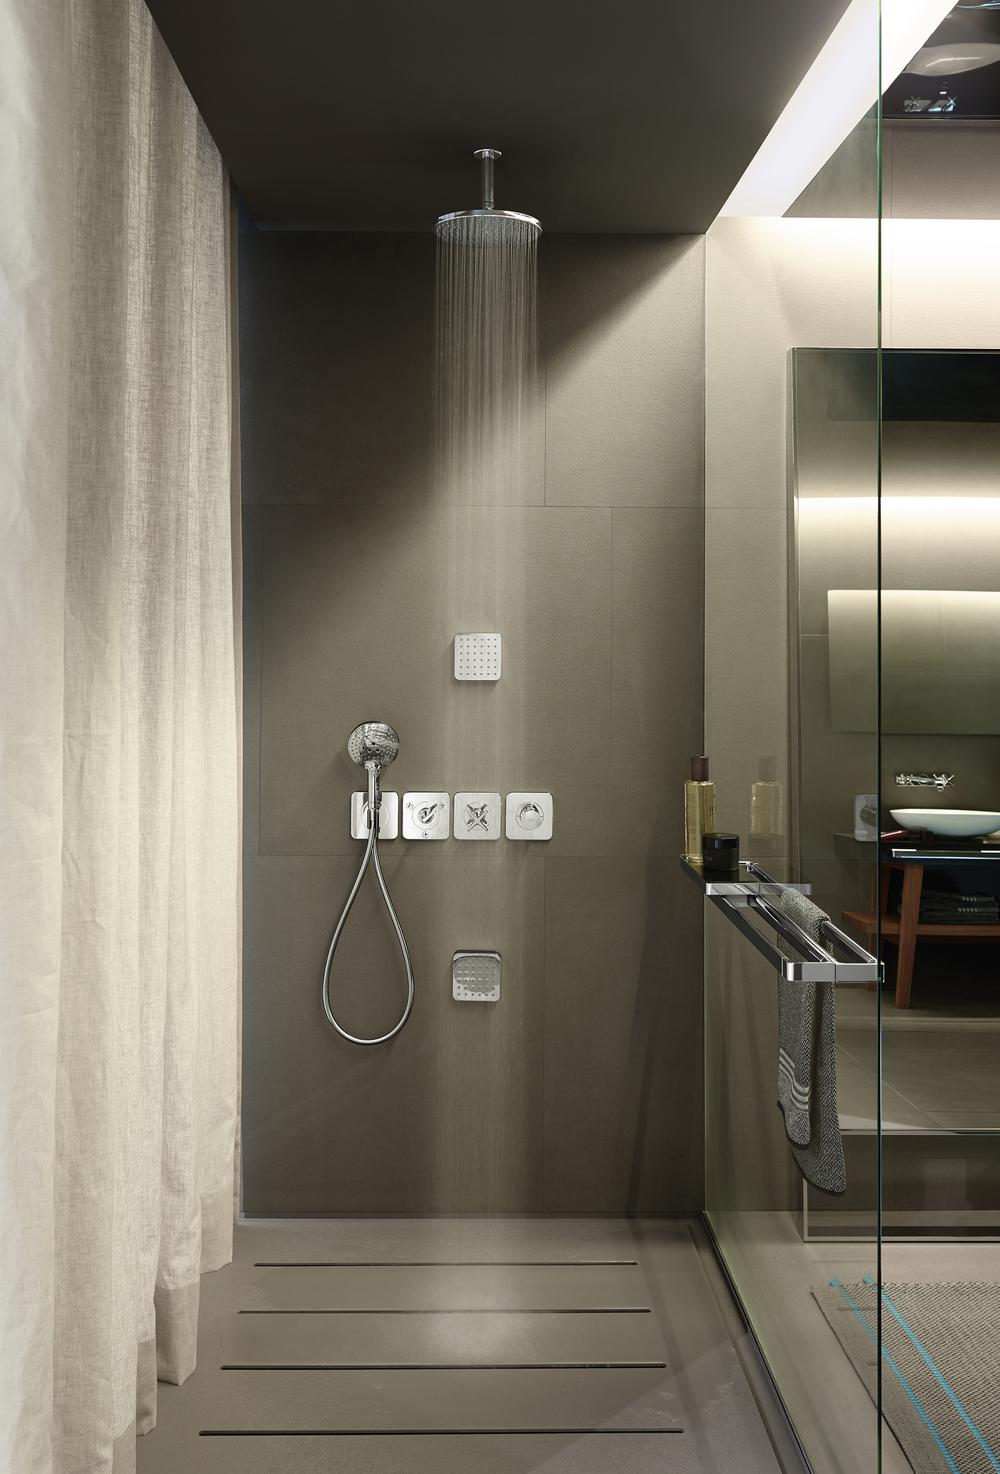 Axor_Citterio_E_Ambience_Shower.jpg